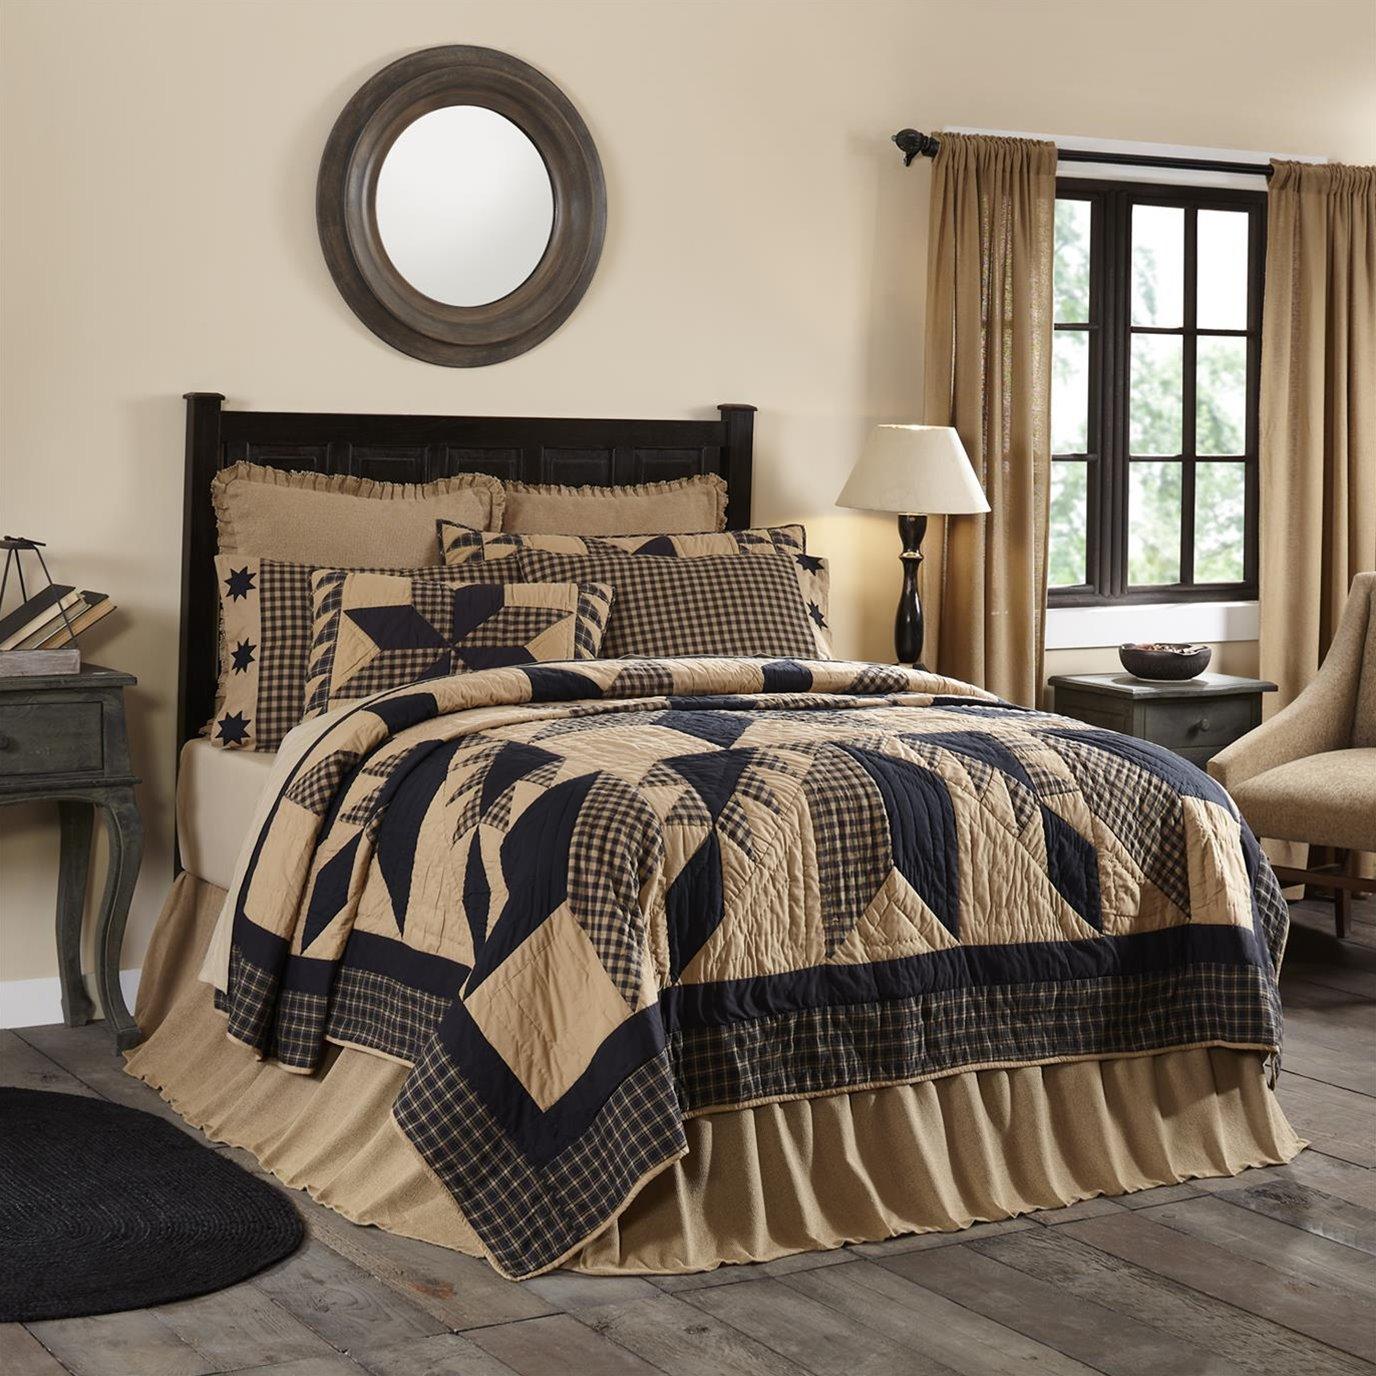 Dakota Star California King Quilt 130Wx115L